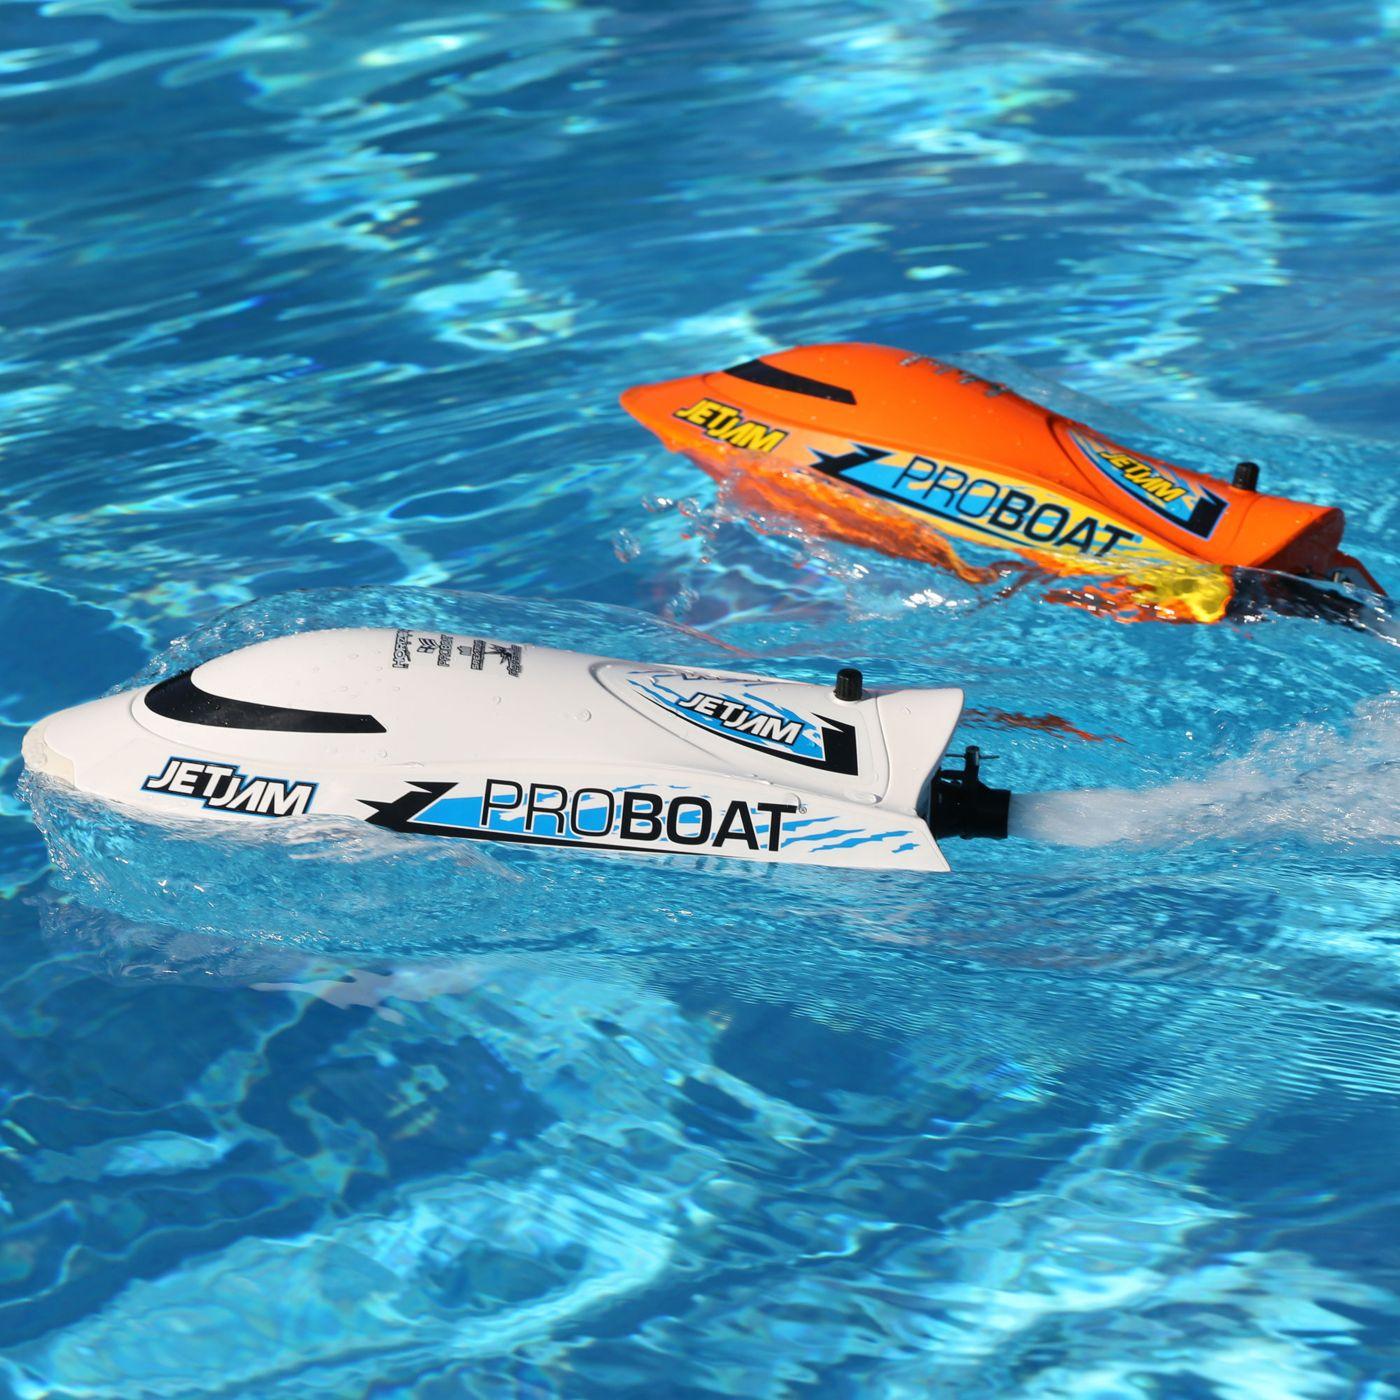 ProBoat Jet Jam 12 Jet Boat RTR 06